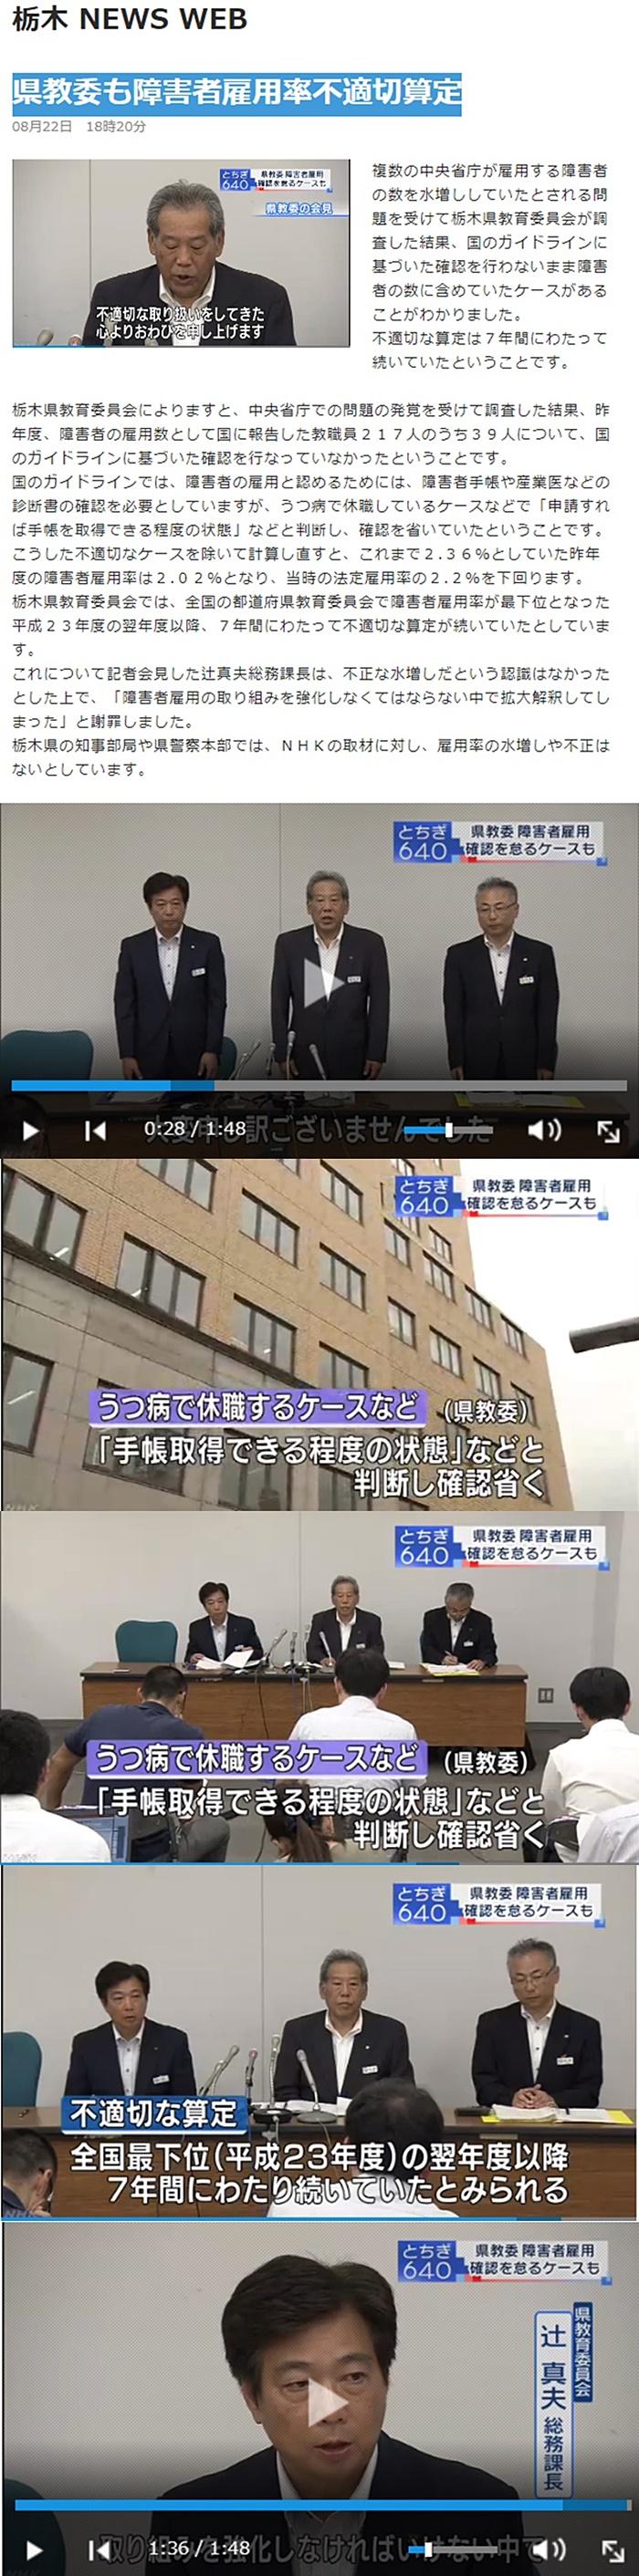 栃木県教育委員会も障害者雇用率不適切算定